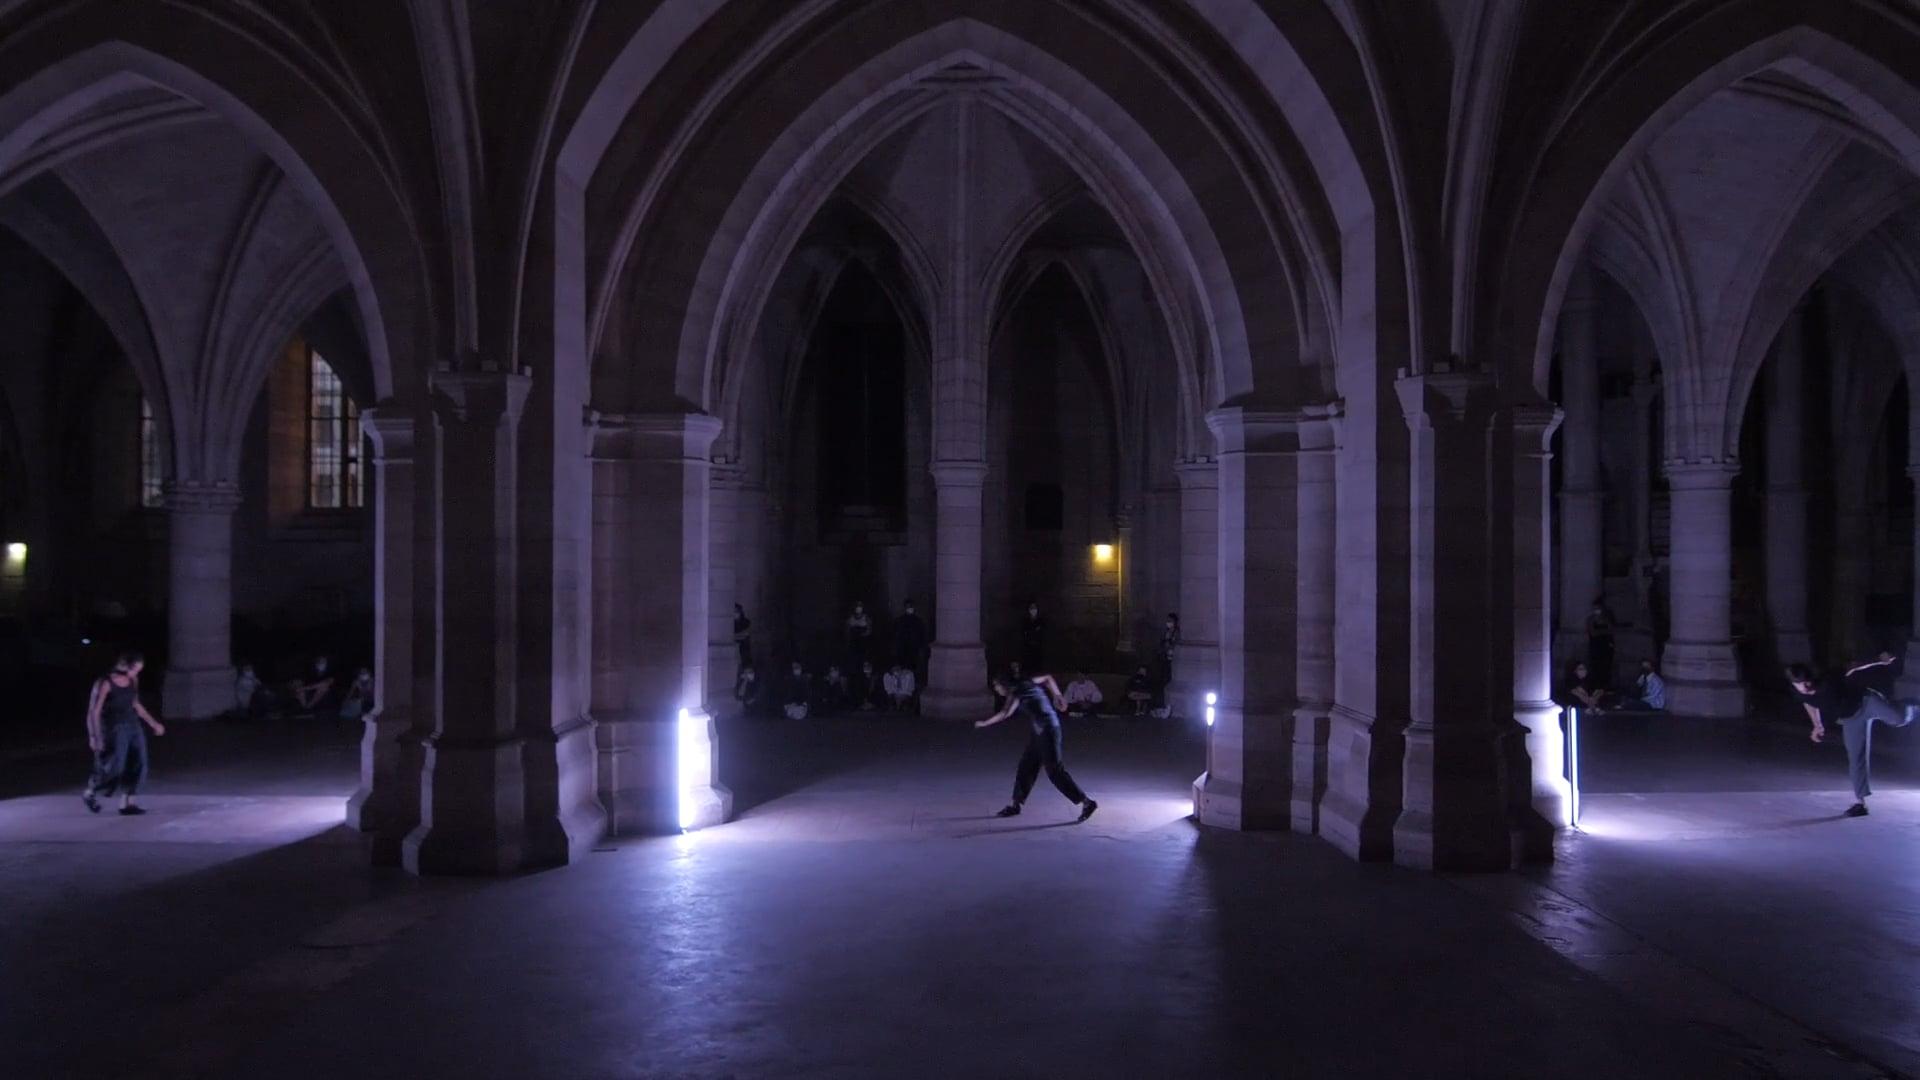 Passages - Noé Soulier - teaser